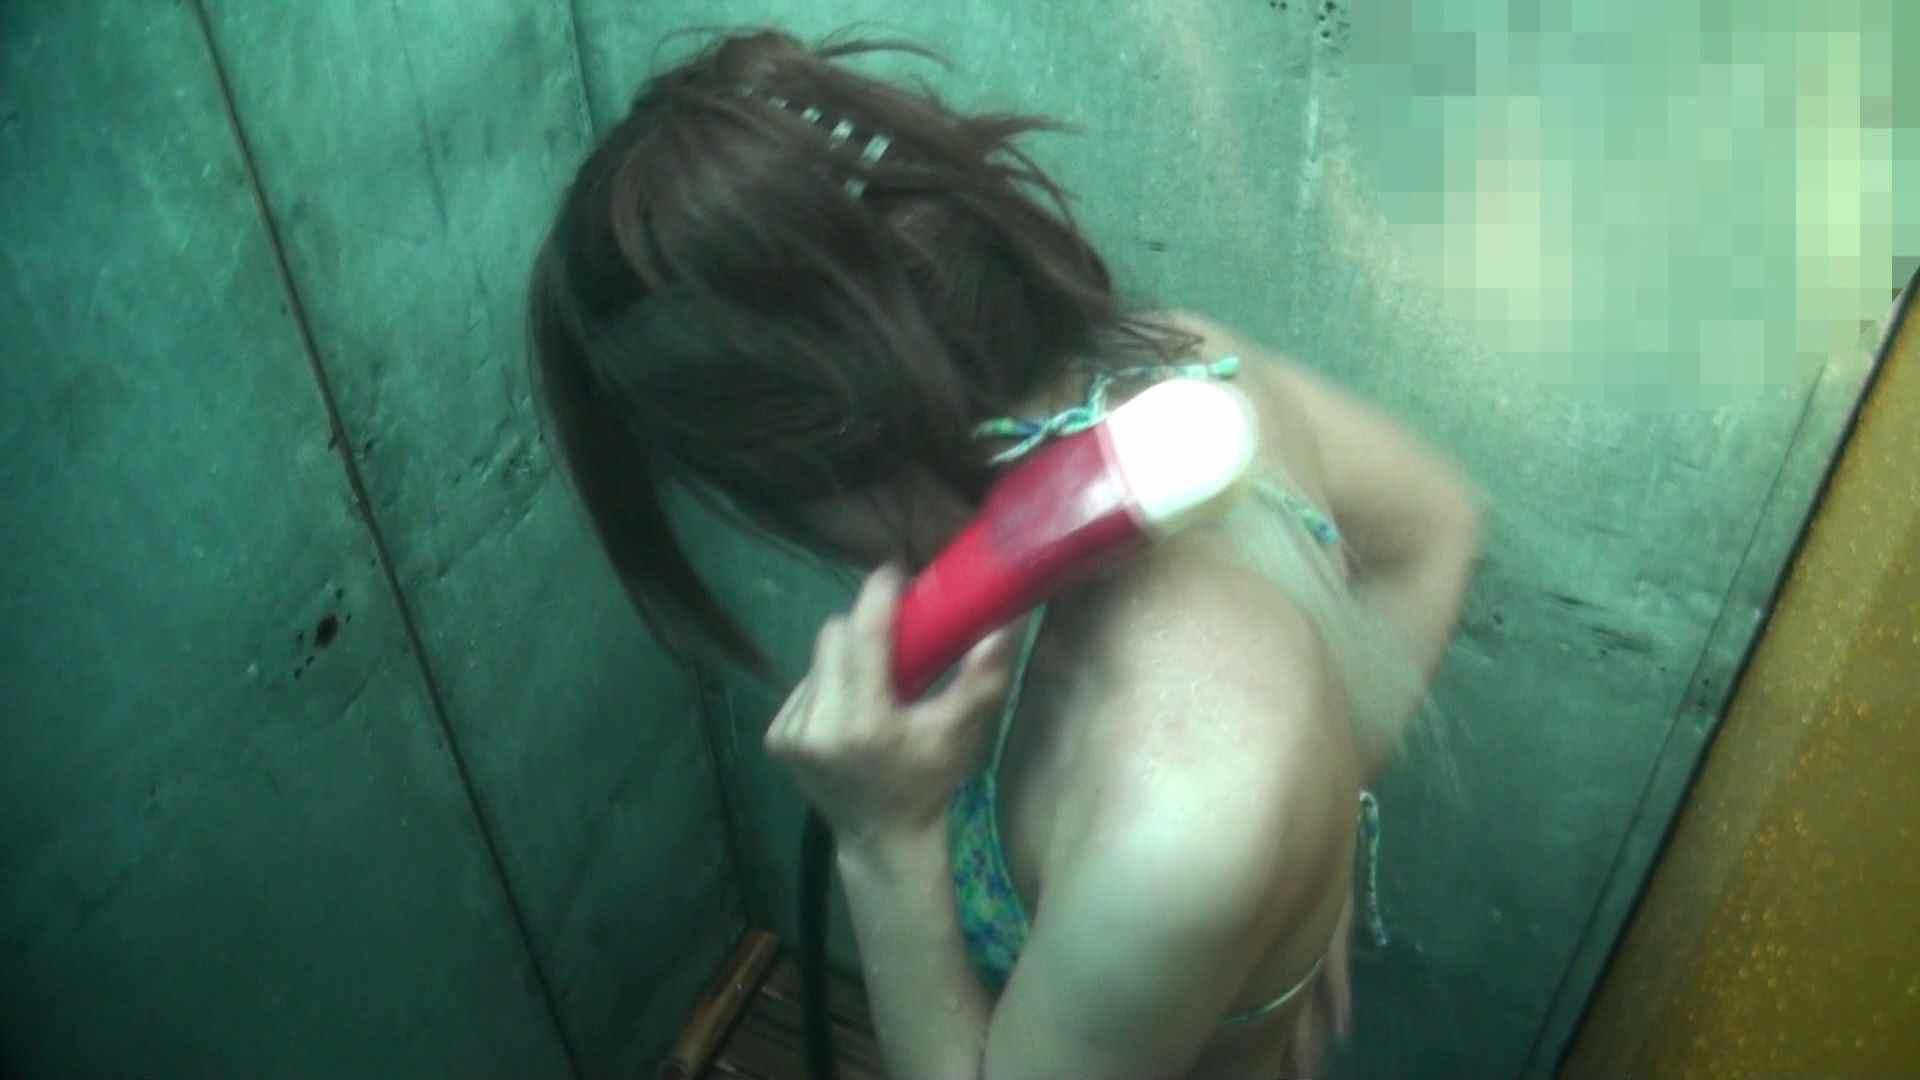 シャワールームは超!!危険な香りVol.15 残念ですが乳首未確認 マンコの砂は入念に シャワー | マンコ  41pic 11